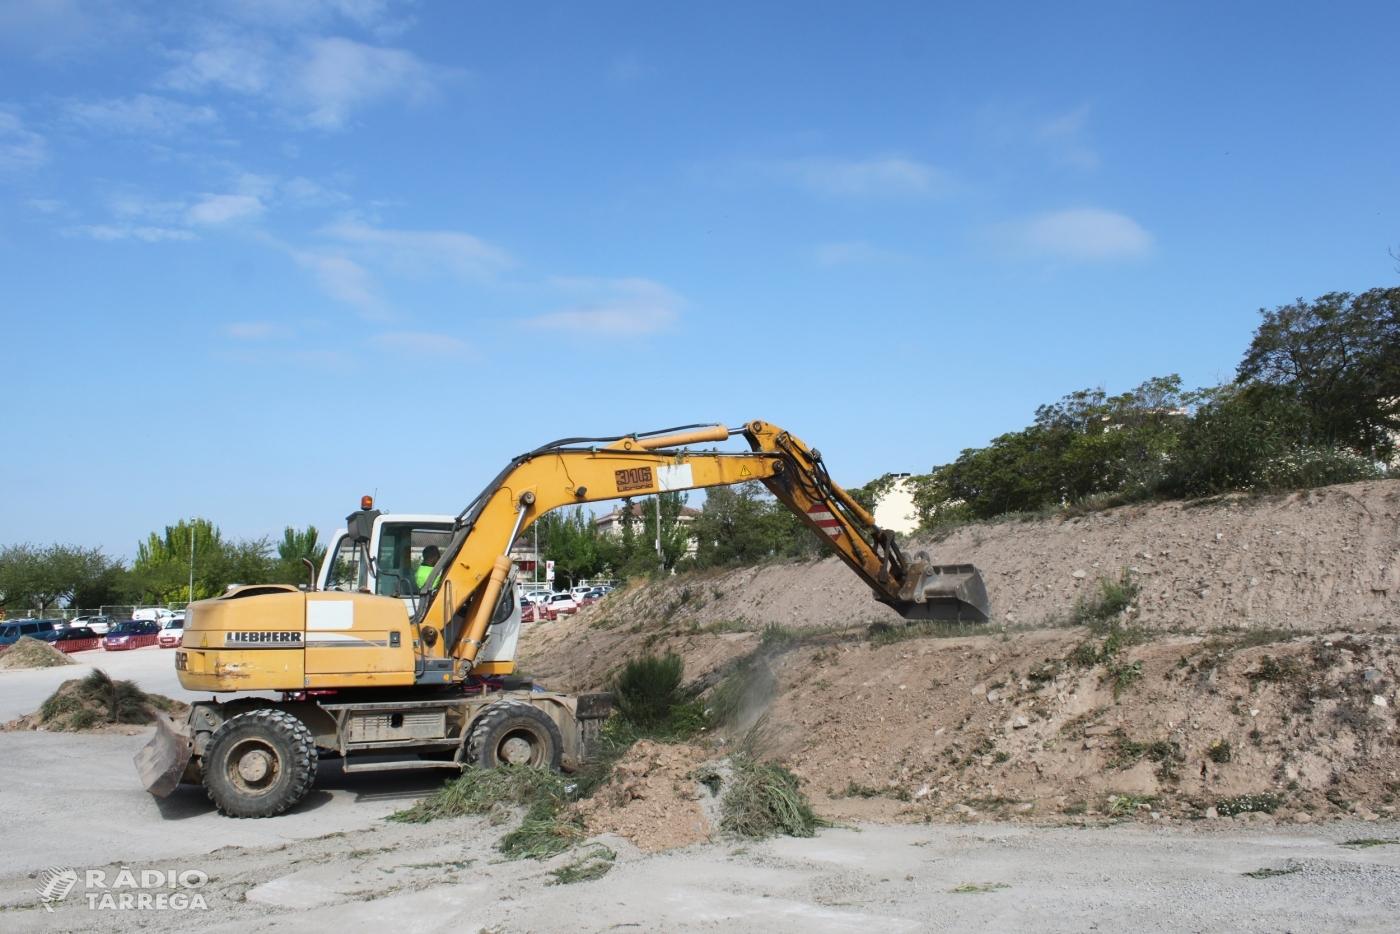 L'Ajuntament de Tàrrega inicia les obres de millora de la zona d'estacionament gratuït situada a l'avinguda de l'Onze de Setembre, que guanyarà en capacitat